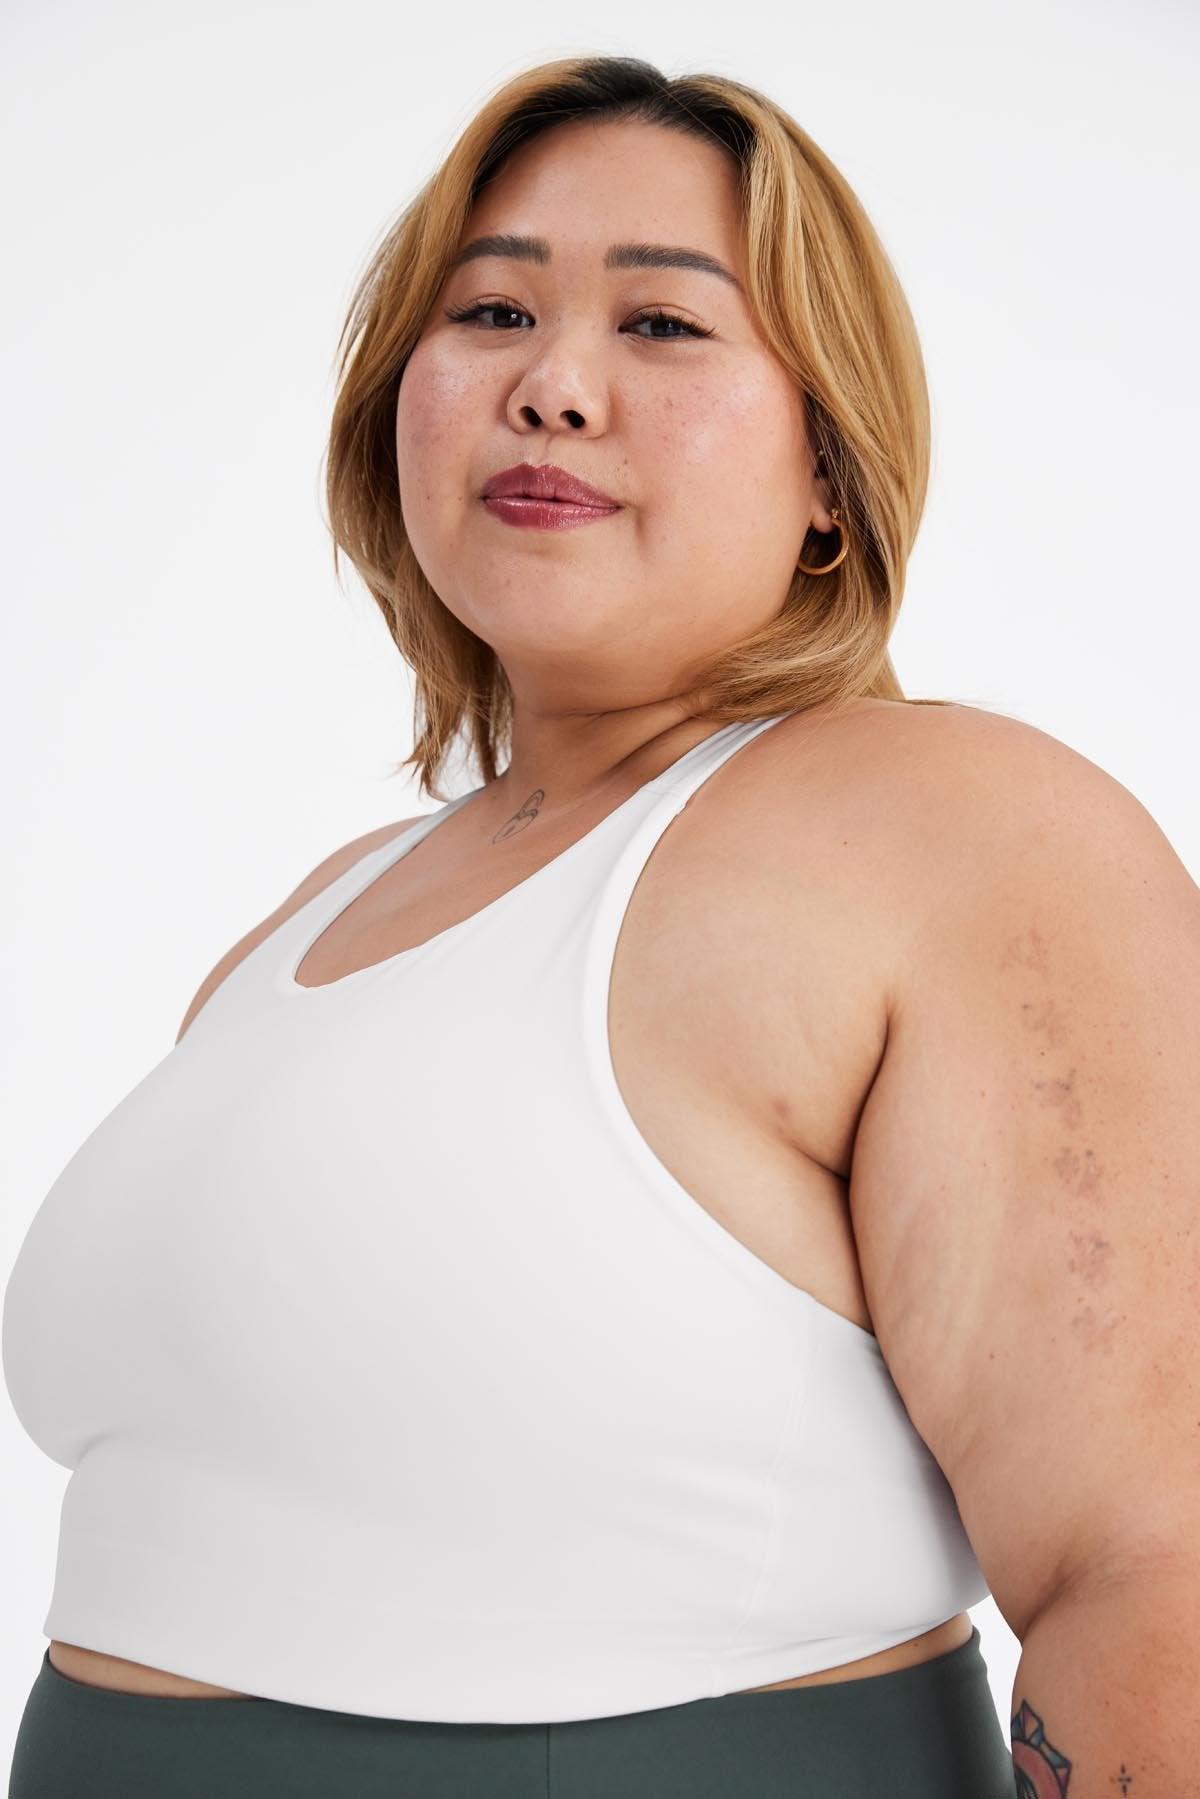 model wearing white sports bra